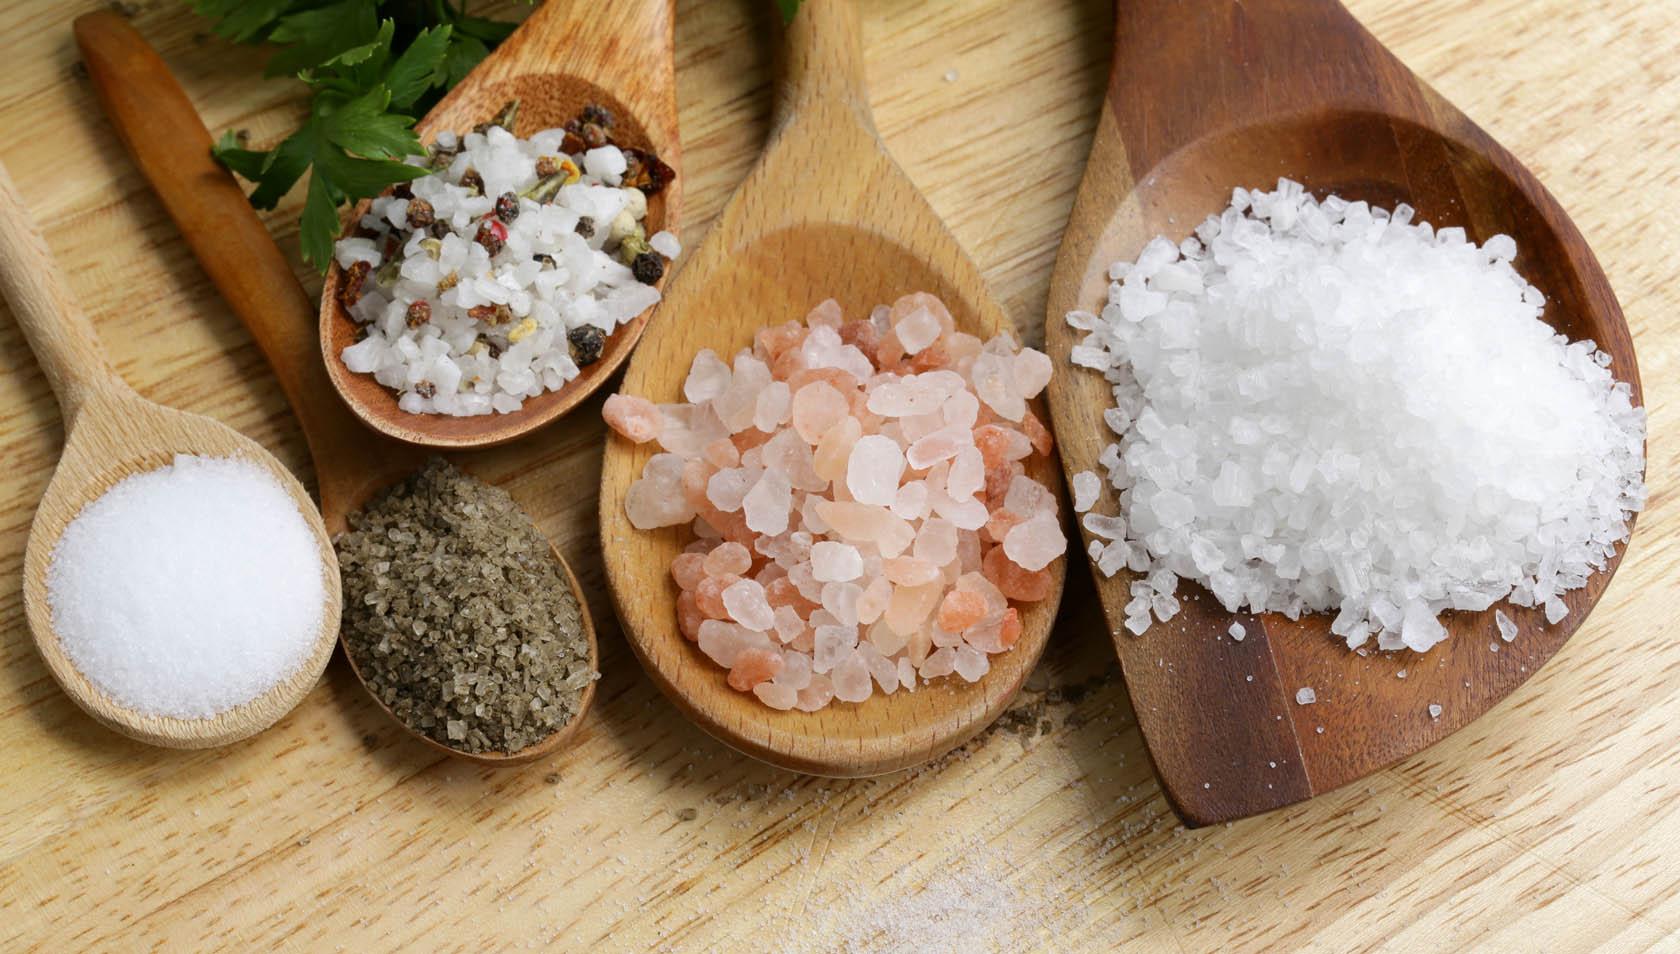 Vai jūs zinājāt, ka sāls pārsēji spēj pastrādāt visīstākos brīnumus ar jūsu veselību?